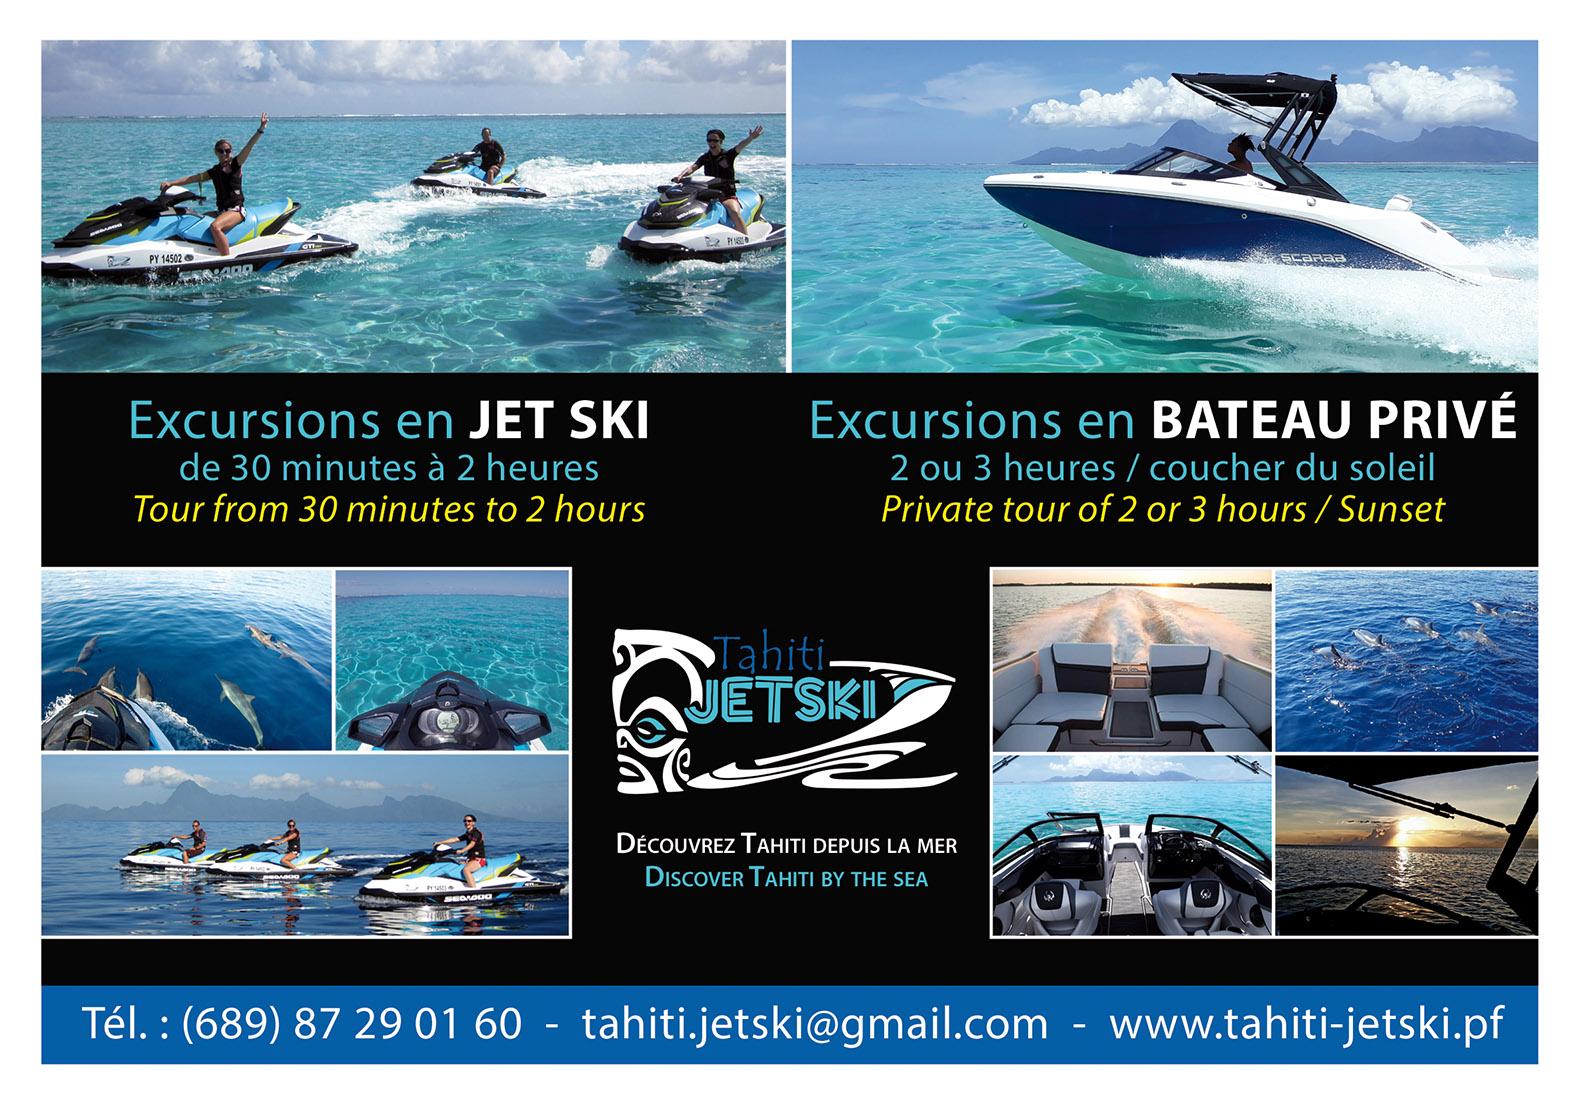 https://tahititourisme.cn/wp-content/uploads/2017/08/Tahiti-Jet-Ski-190x130-sept-2.jpg